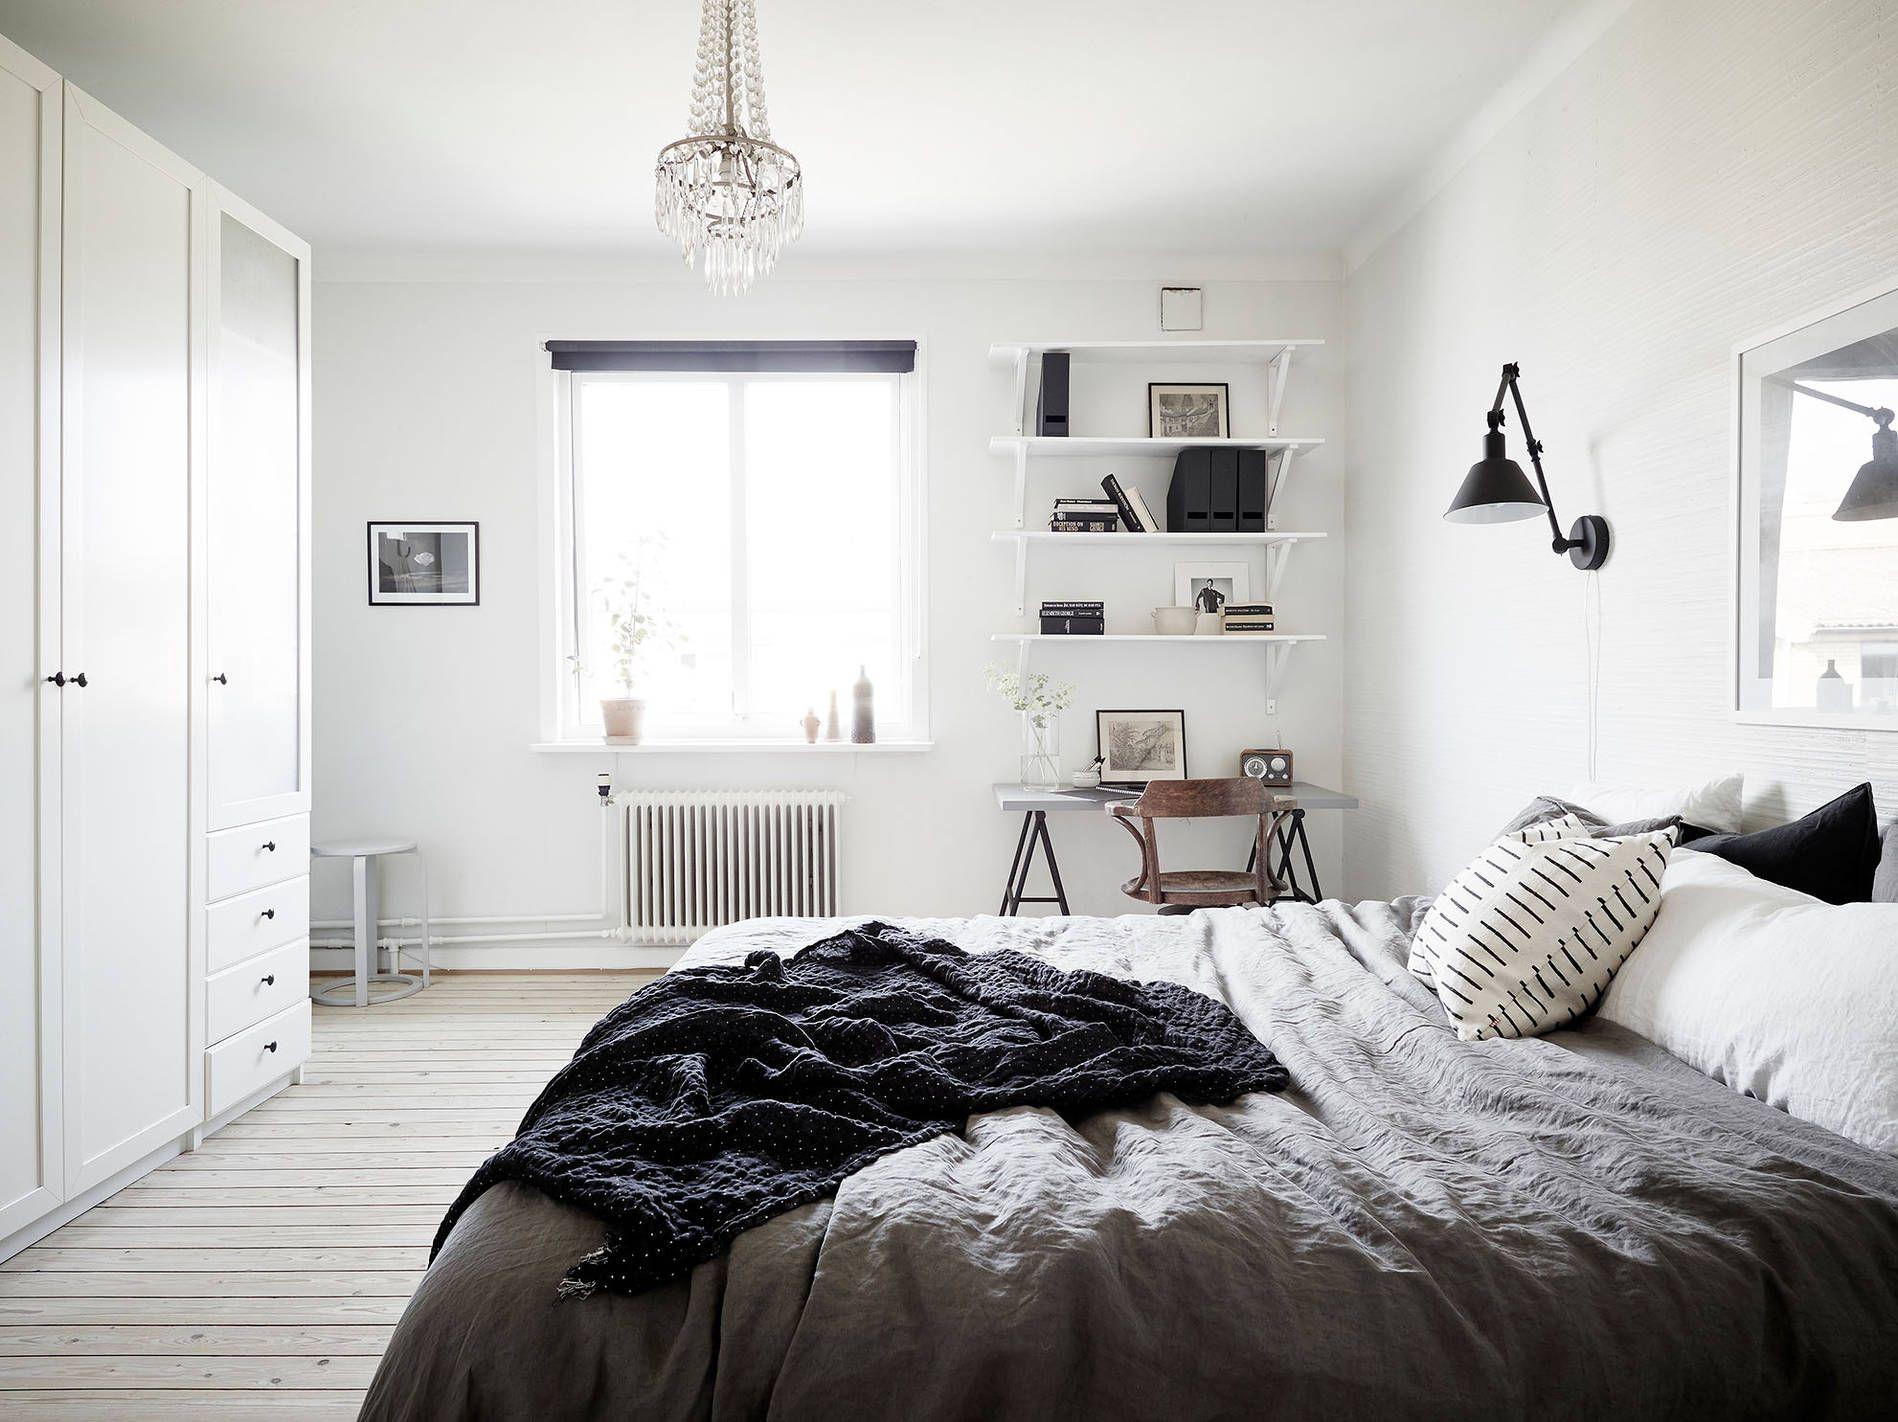 Weiße Wohnzimmer, Schlafzimmer, Neue Wohnung, Einrichten Und Wohnen,  Skandinavisch Wohnung, Skandinavische Einrichtung, Ikea Schlafzimmer Weiß,  Ikea ...